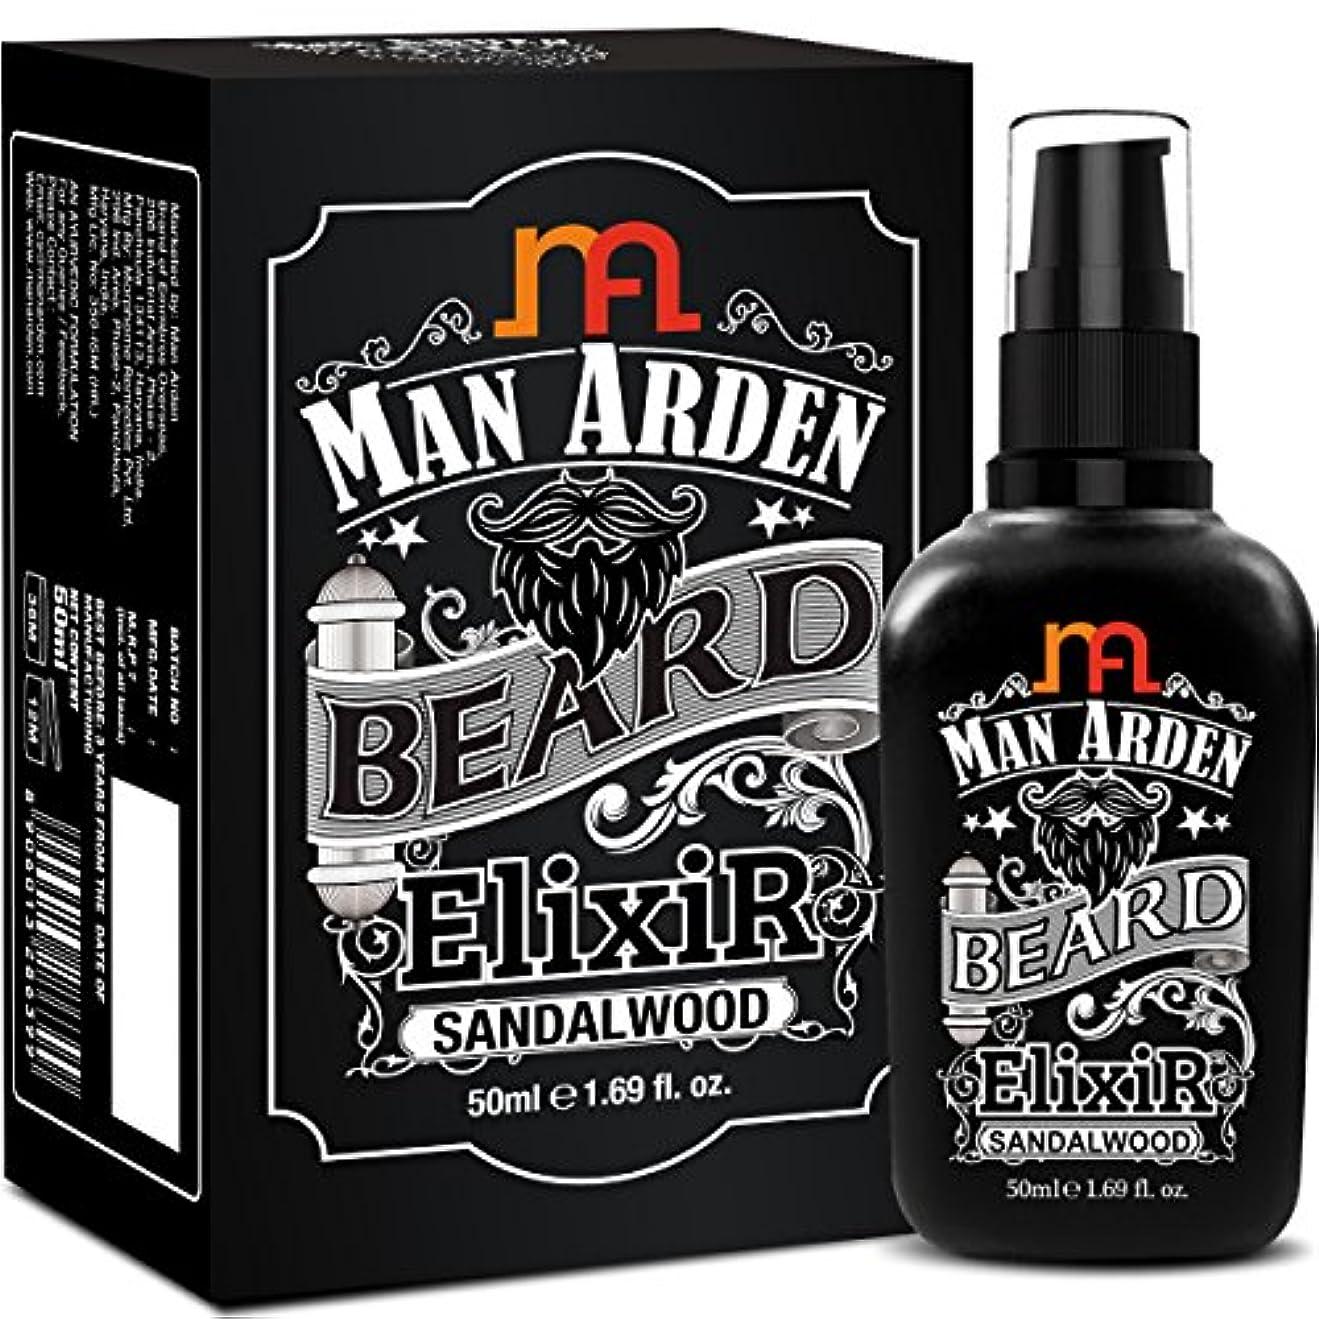 思想おばさんデマンドMan Arden Beard Elixir Oil 50ml (Sandalwood) - 7 Oils Blend For Beard Repair, Growth & Nourishment8906013286399